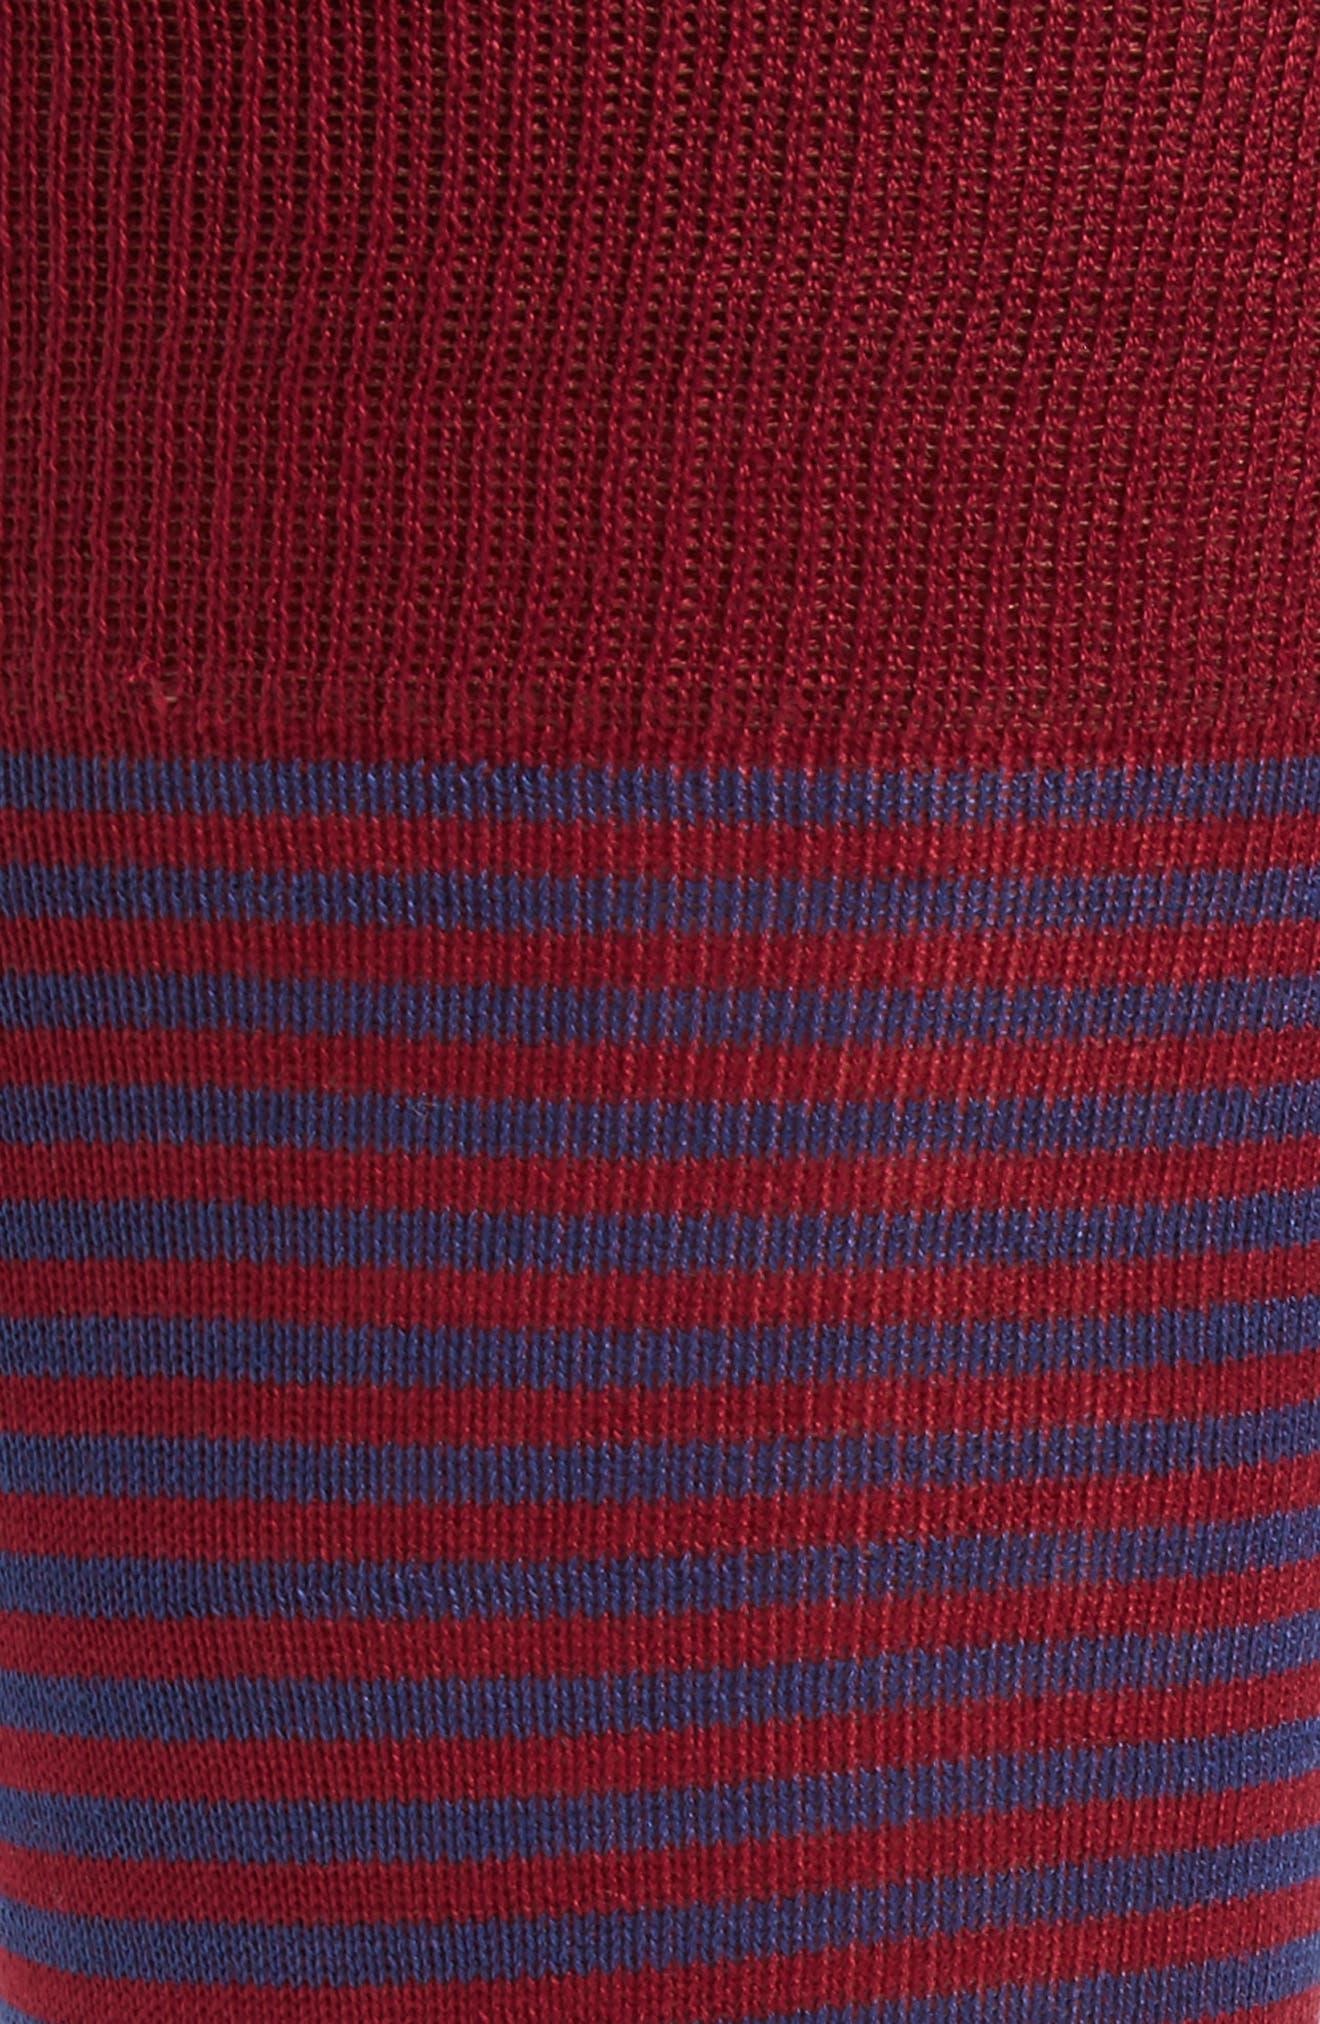 Alternate Image 2  - Paul Smith Marsden Stripe Socks